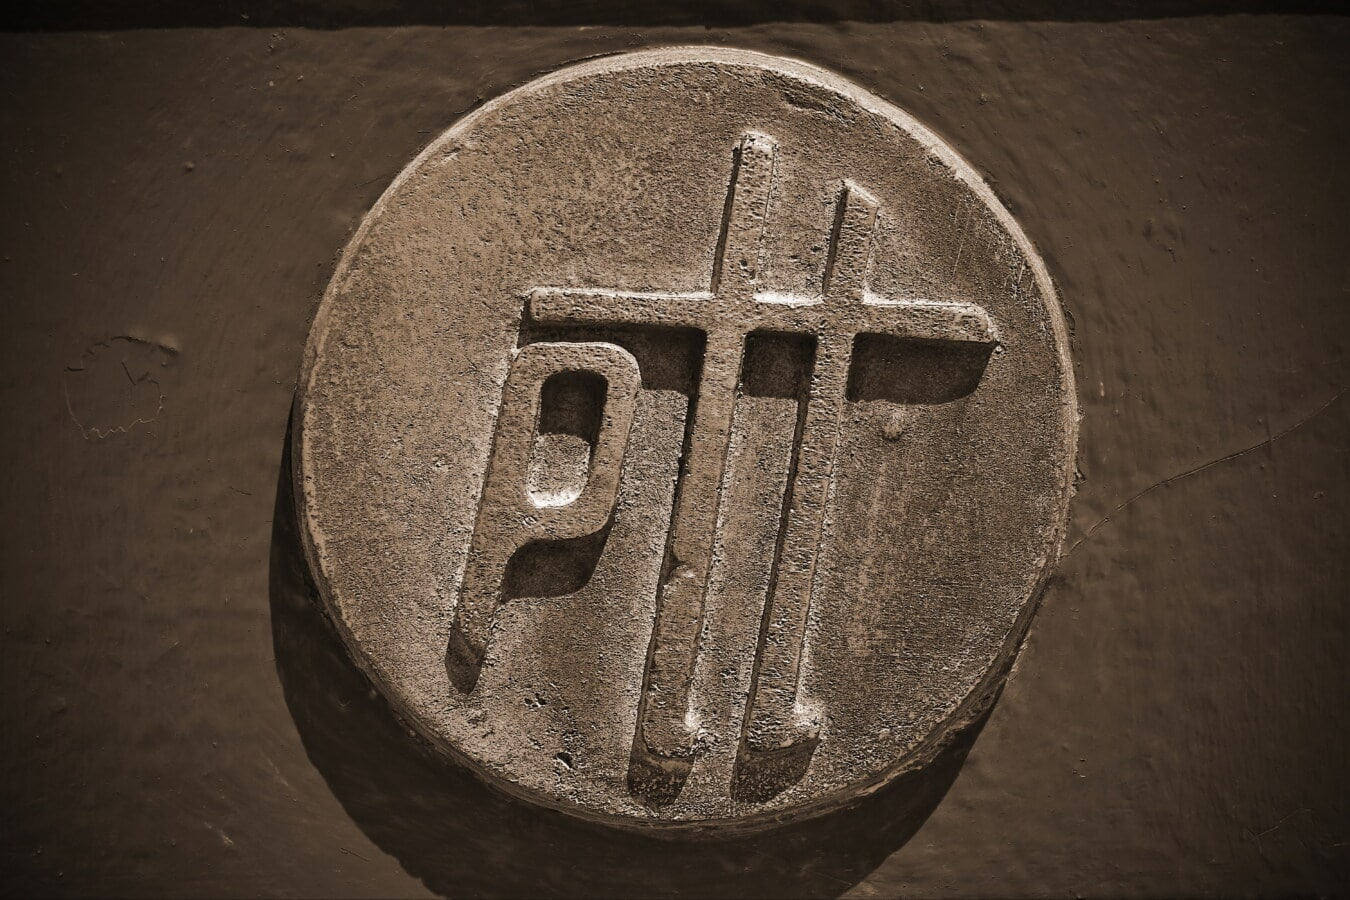 Messing, Metall, Bronze, aus Gusseisen, Symbol, Zeichen, Details, glänzend, Sepia, Monochrom